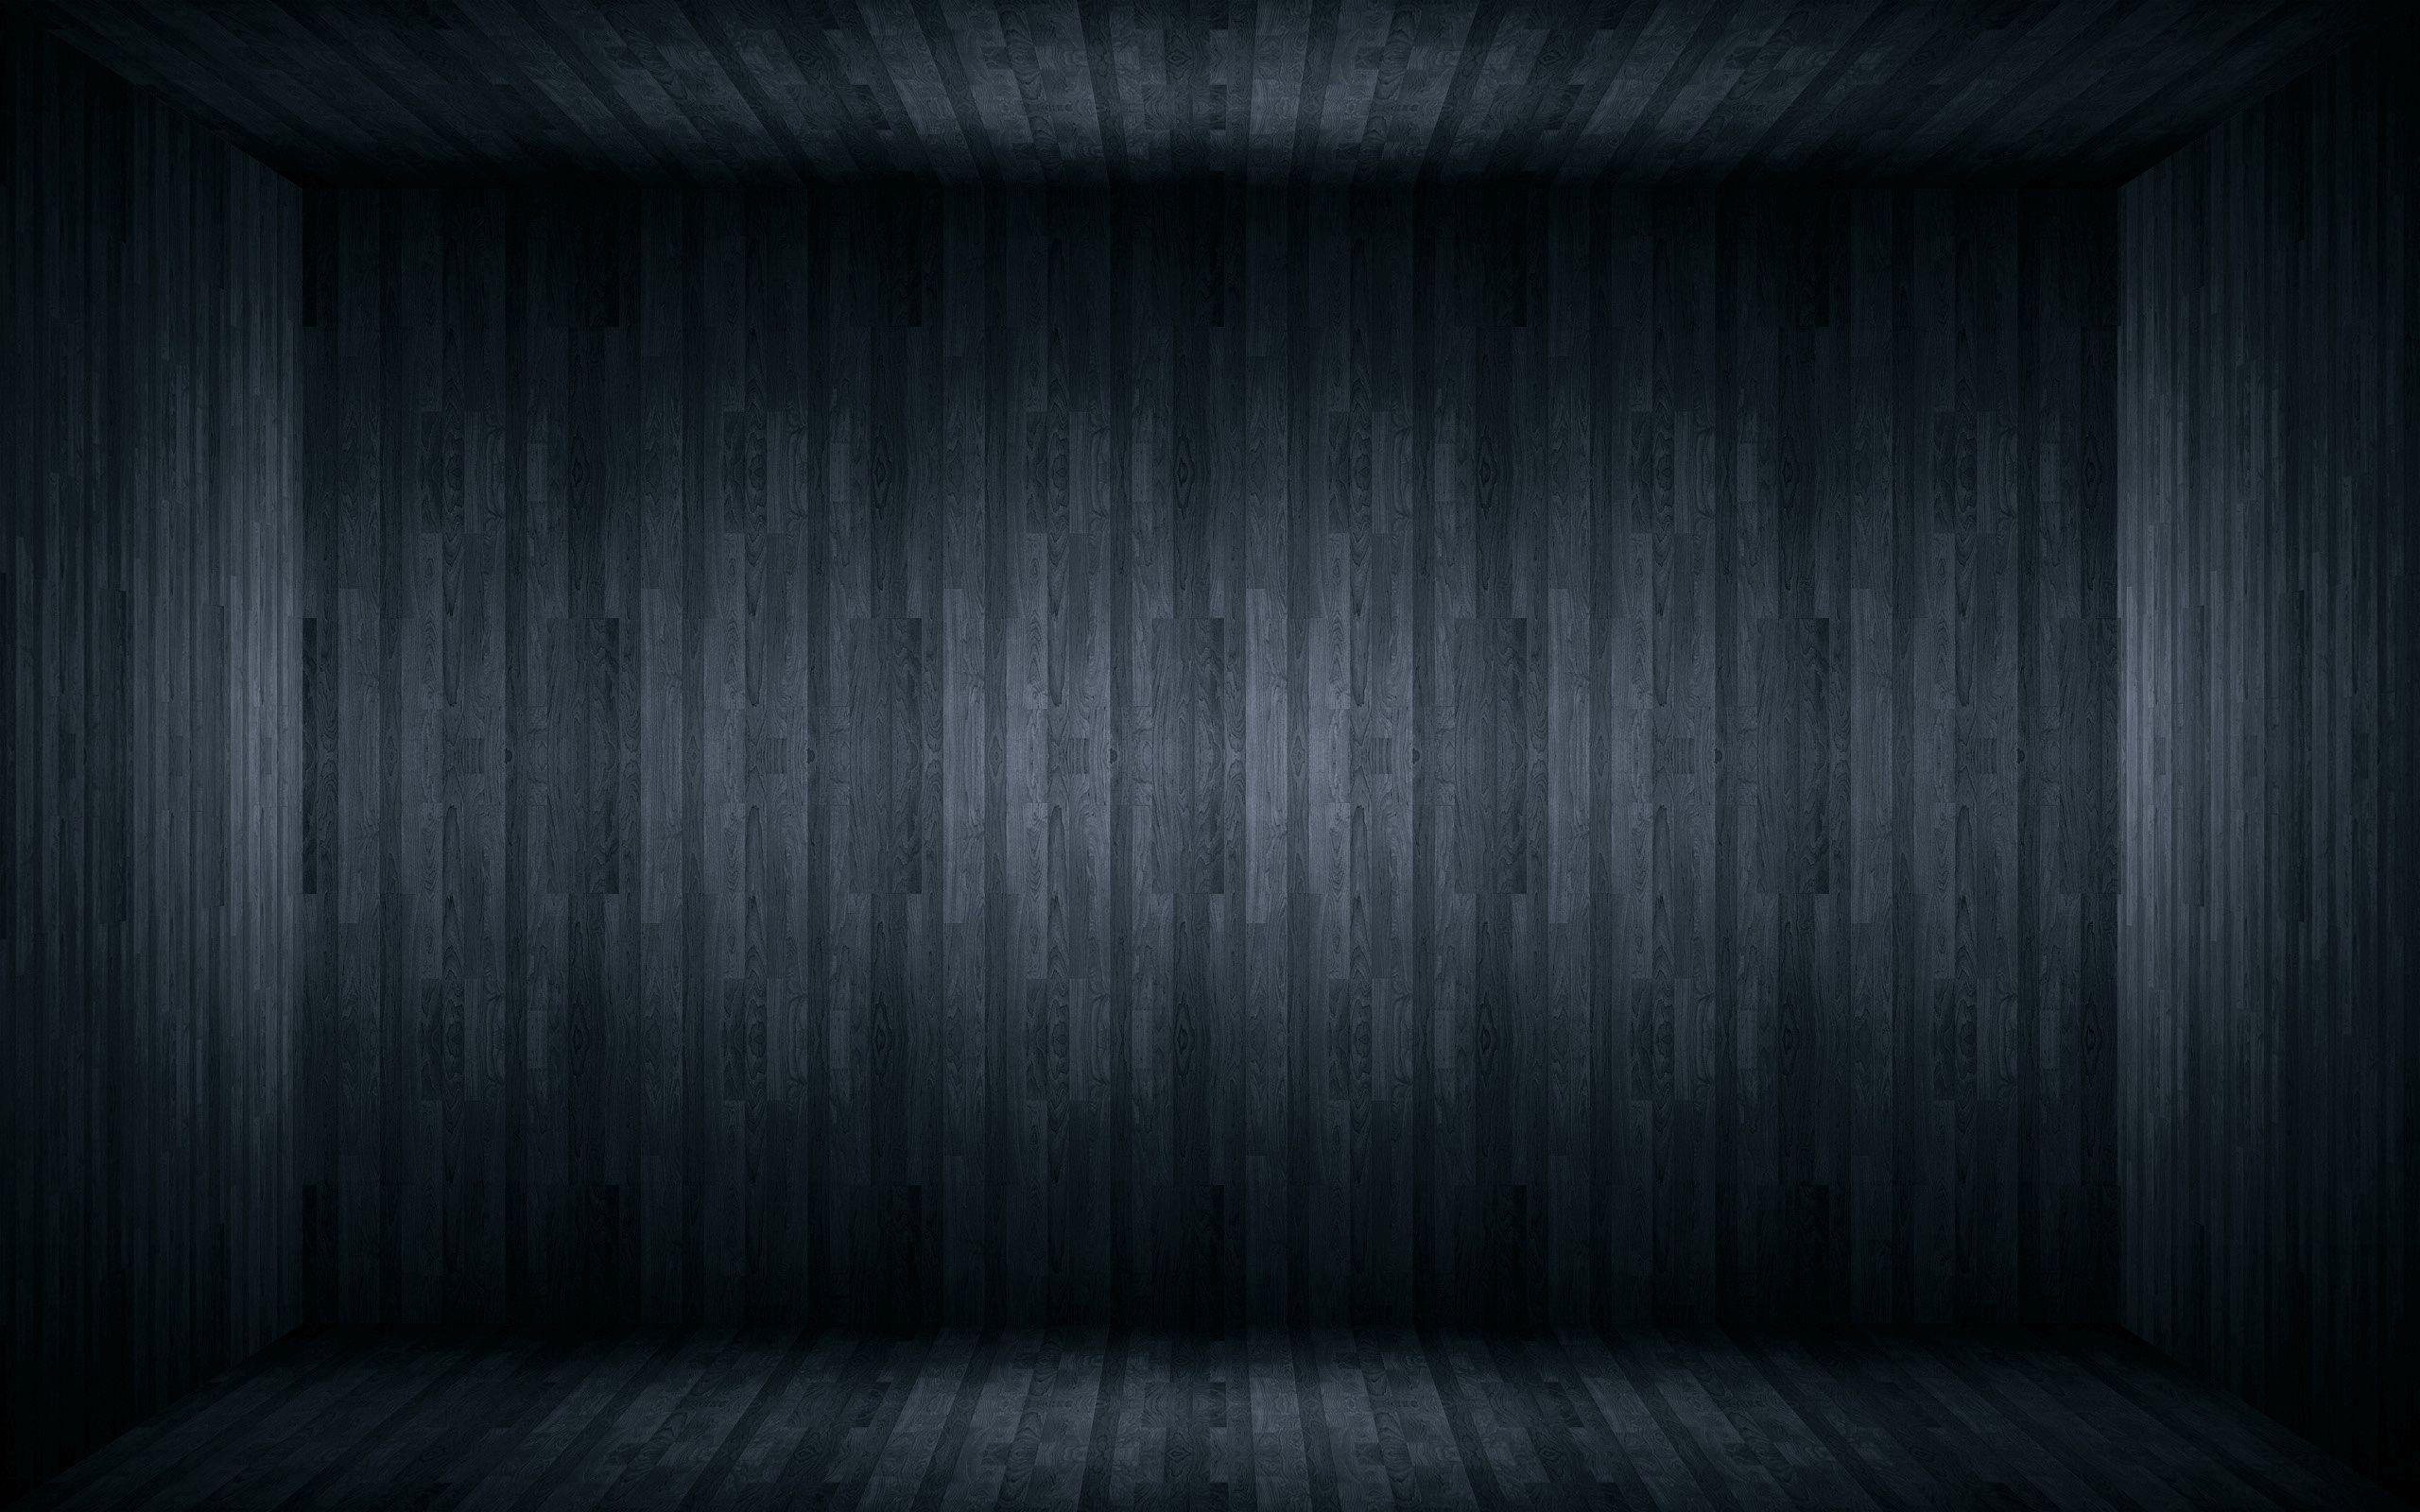 74927 télécharger le fond d'écran Textures, Texture, Bois, En Bois, P.c., Chb, Illusion, Planches, Planche - économiseurs d'écran et images gratuitement